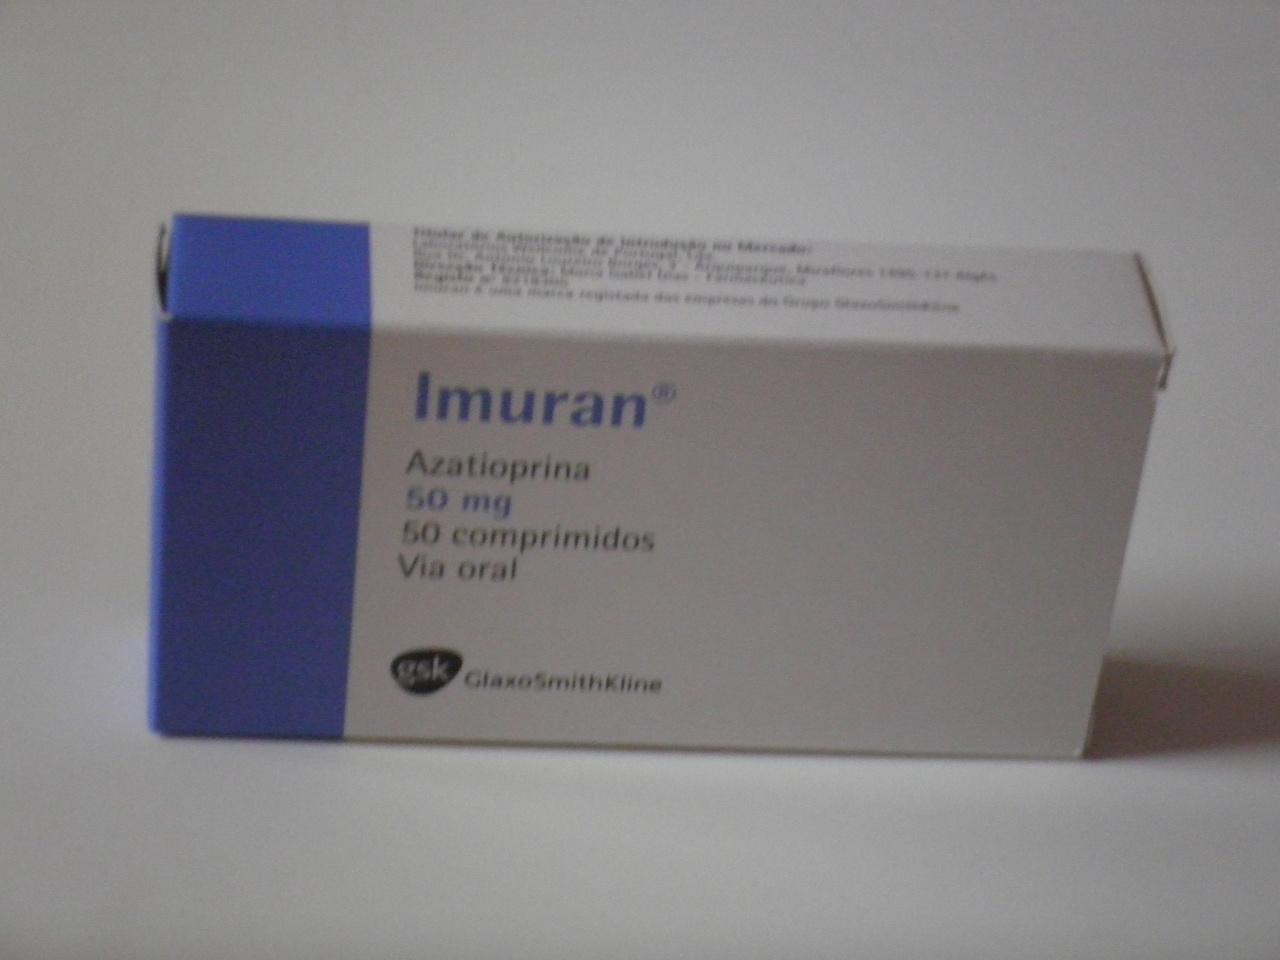 Azatioprina (Oral)